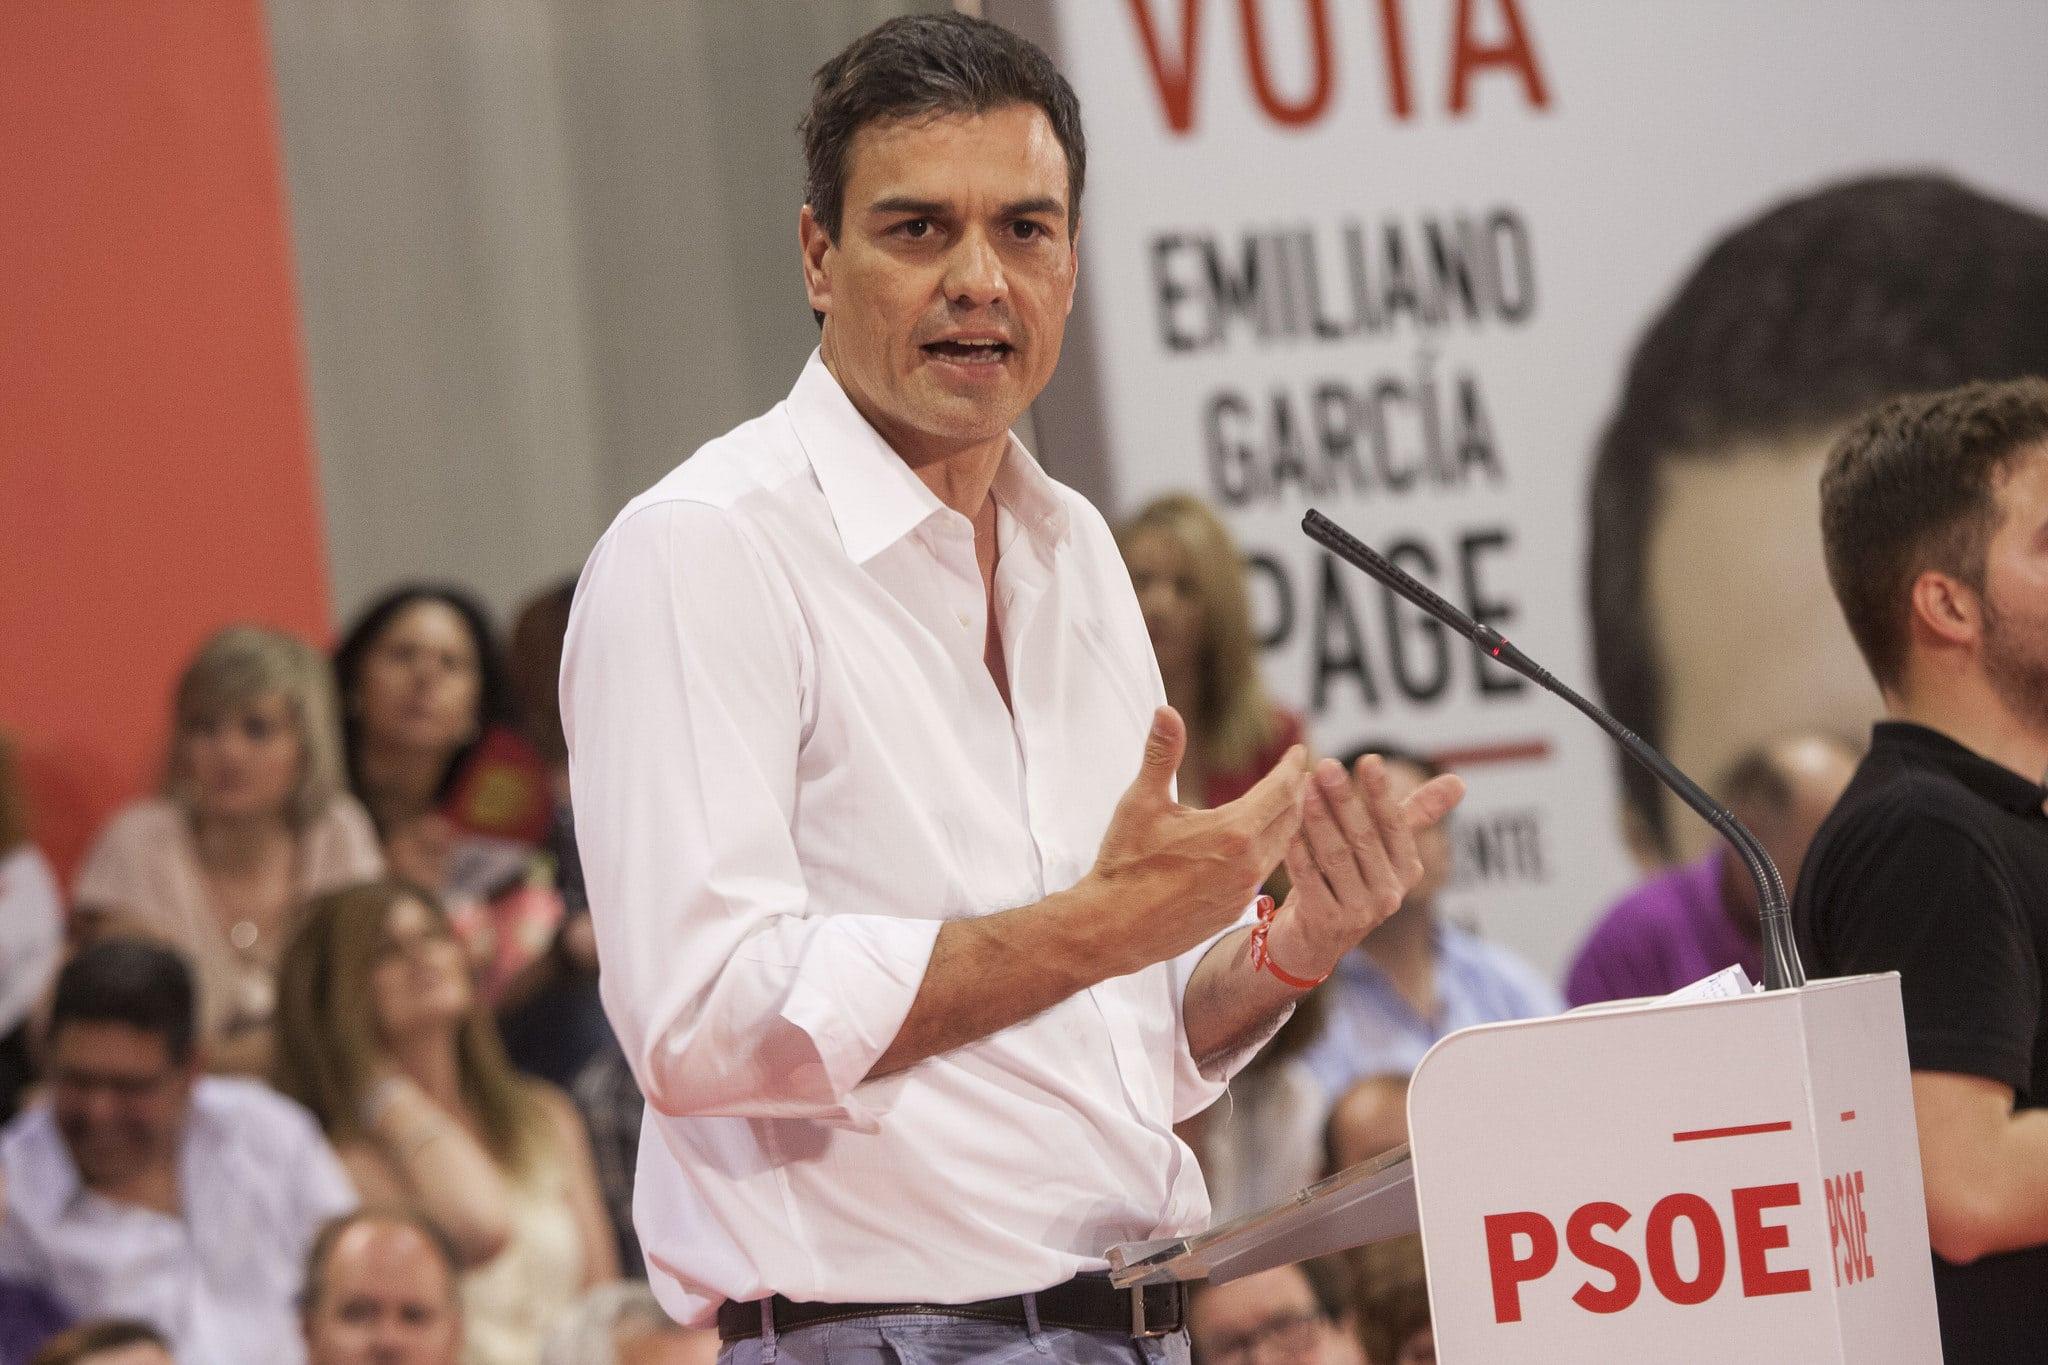 Pedro Sanchez incluera-t-il des membres de Podemos dans son gouvernement ?